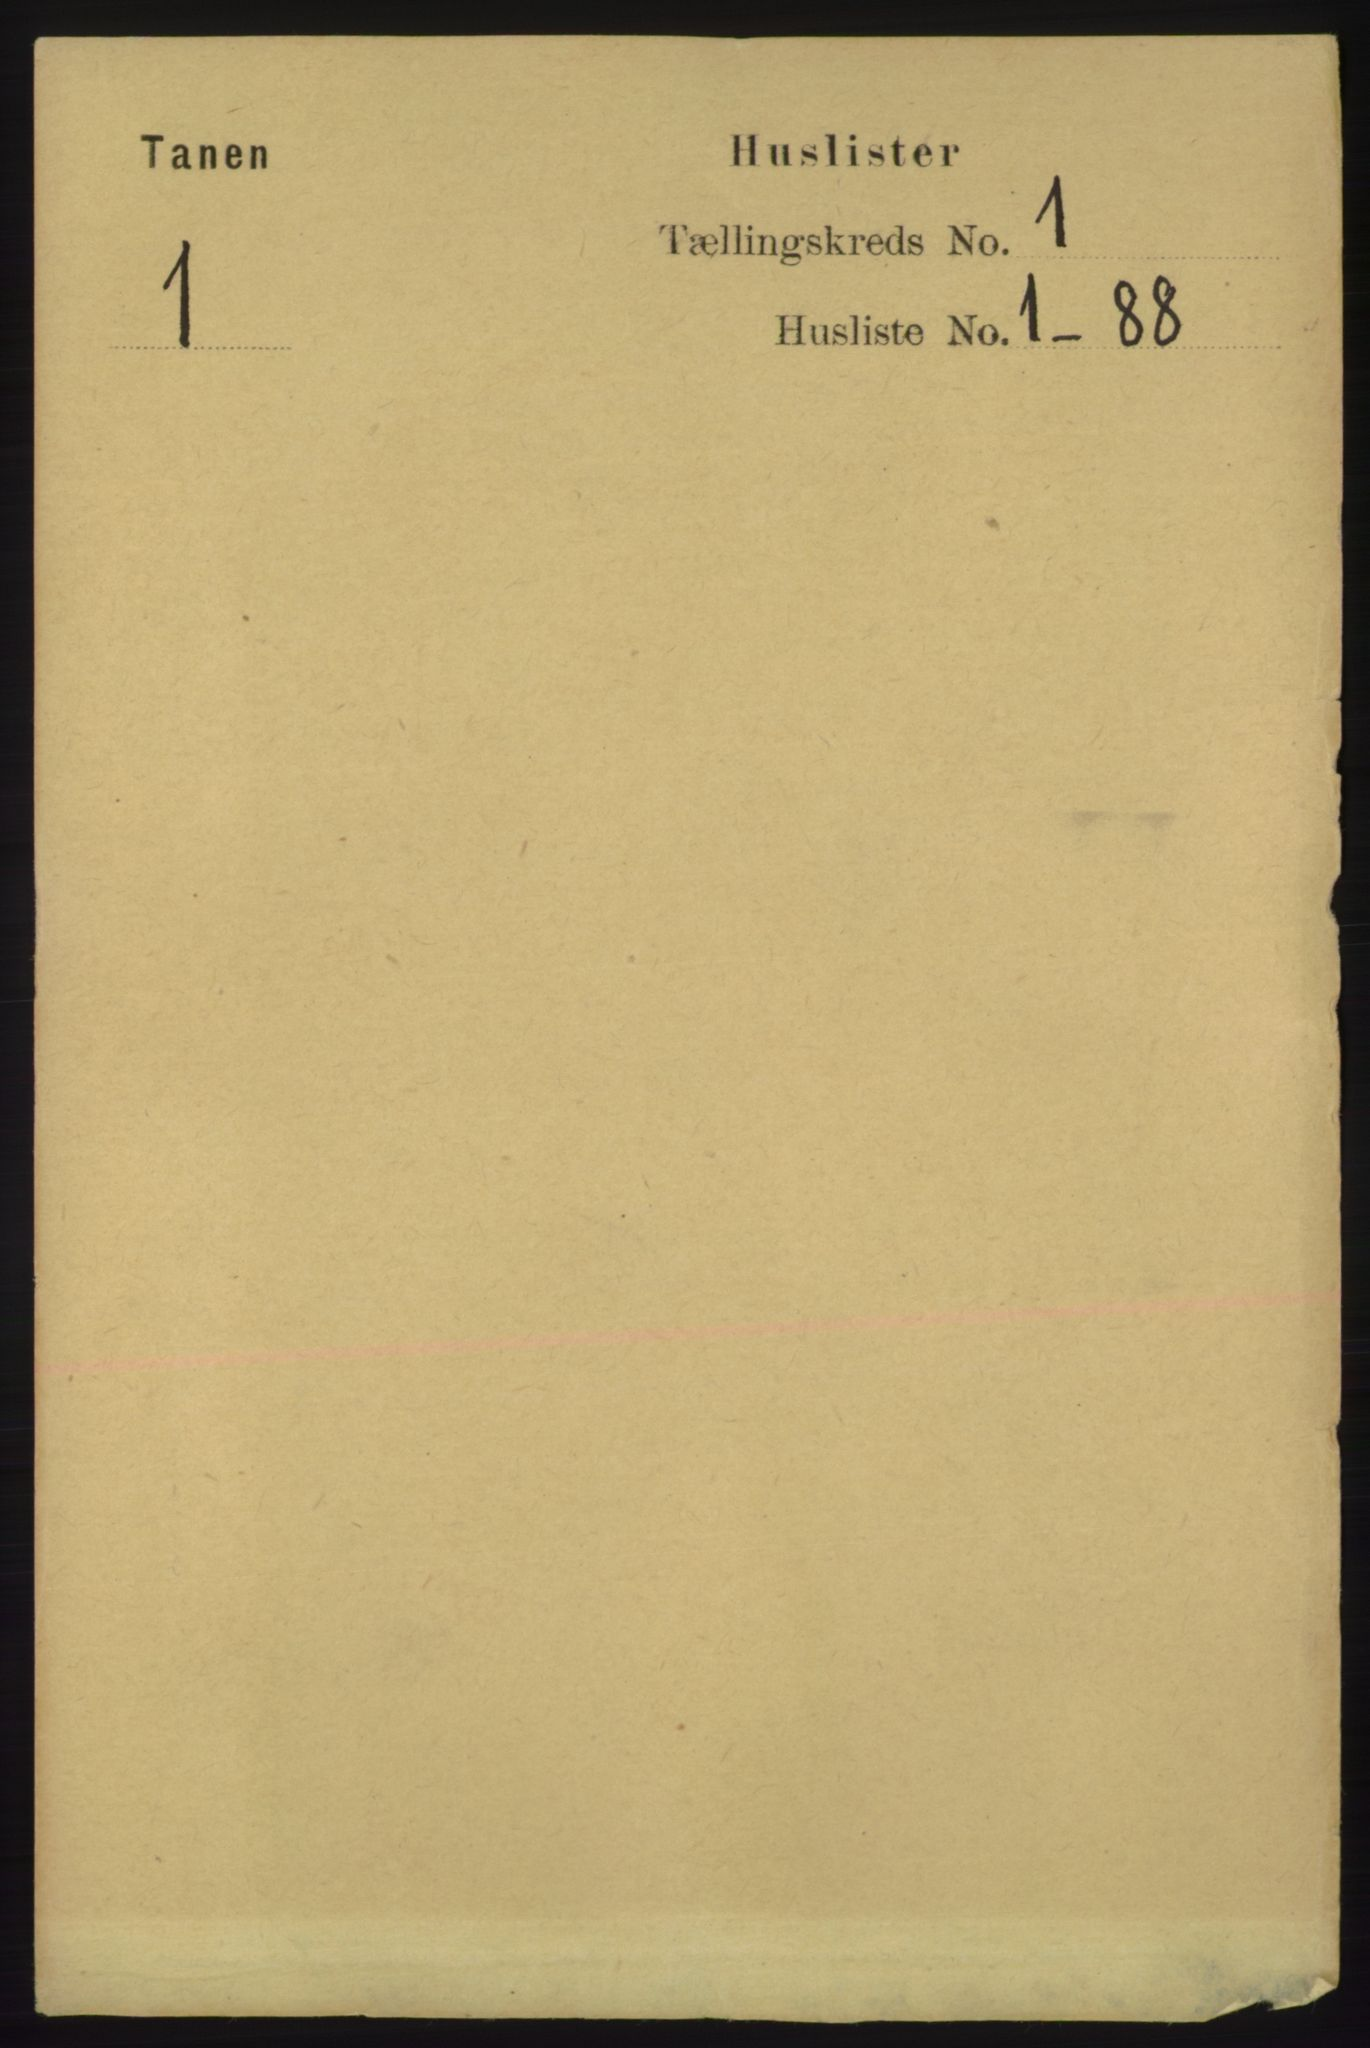 RA, Folketelling 1891 for 2025 Tana herred, 1891, s. 24